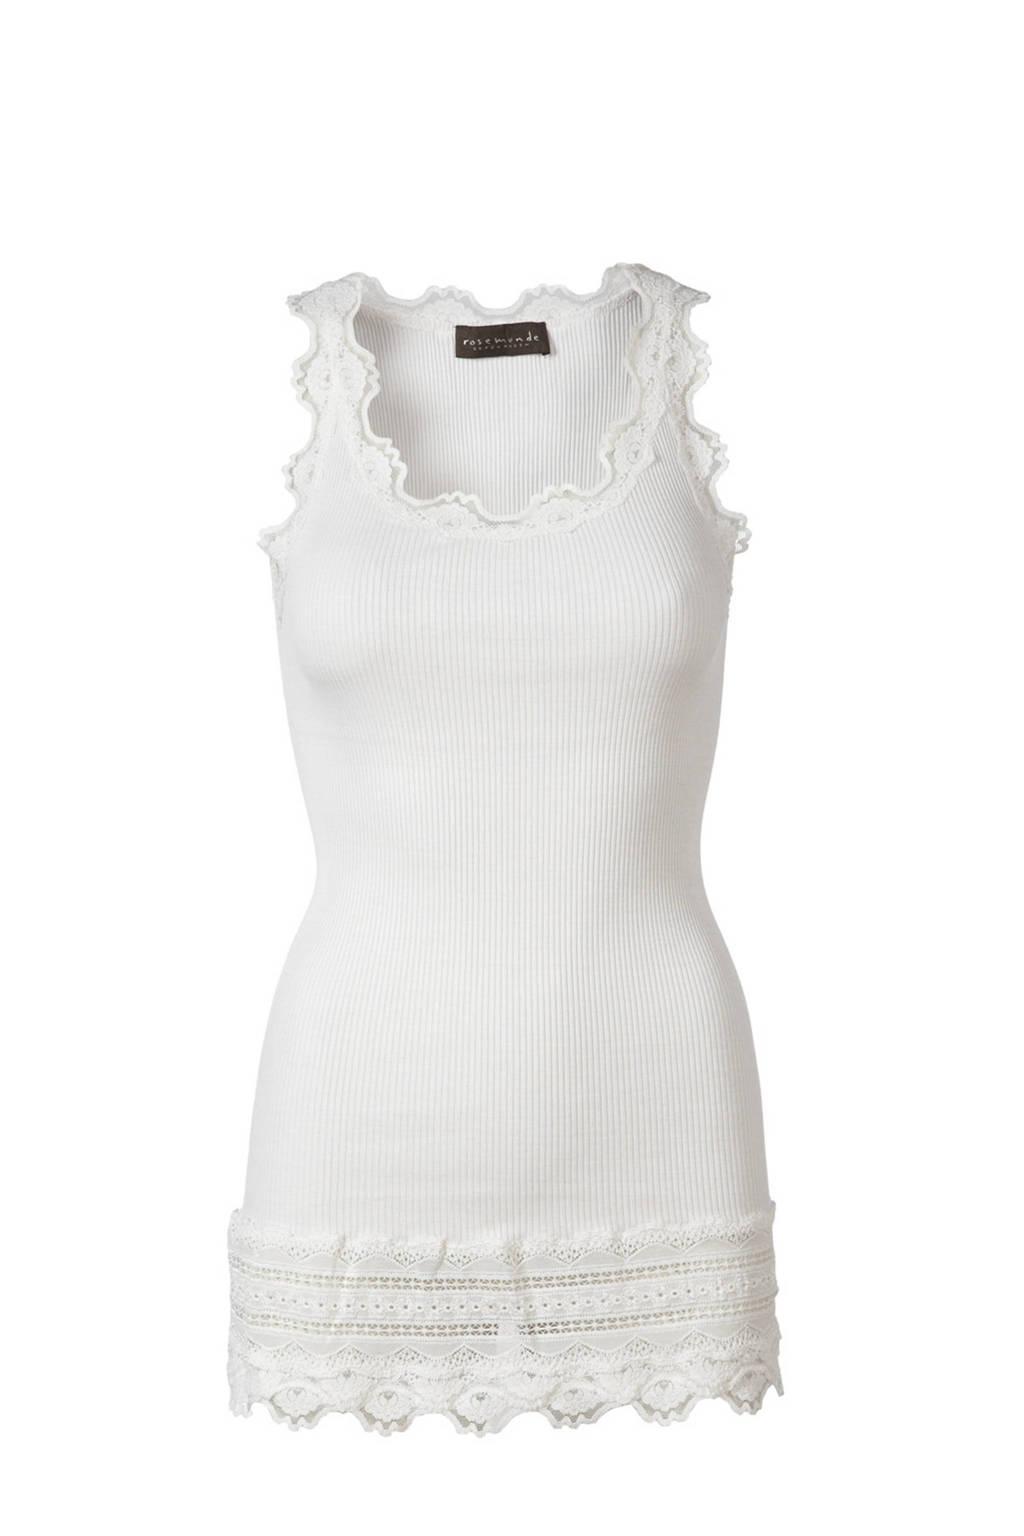 Rosemunde ribgebreide singlet met zijde wit, Wit